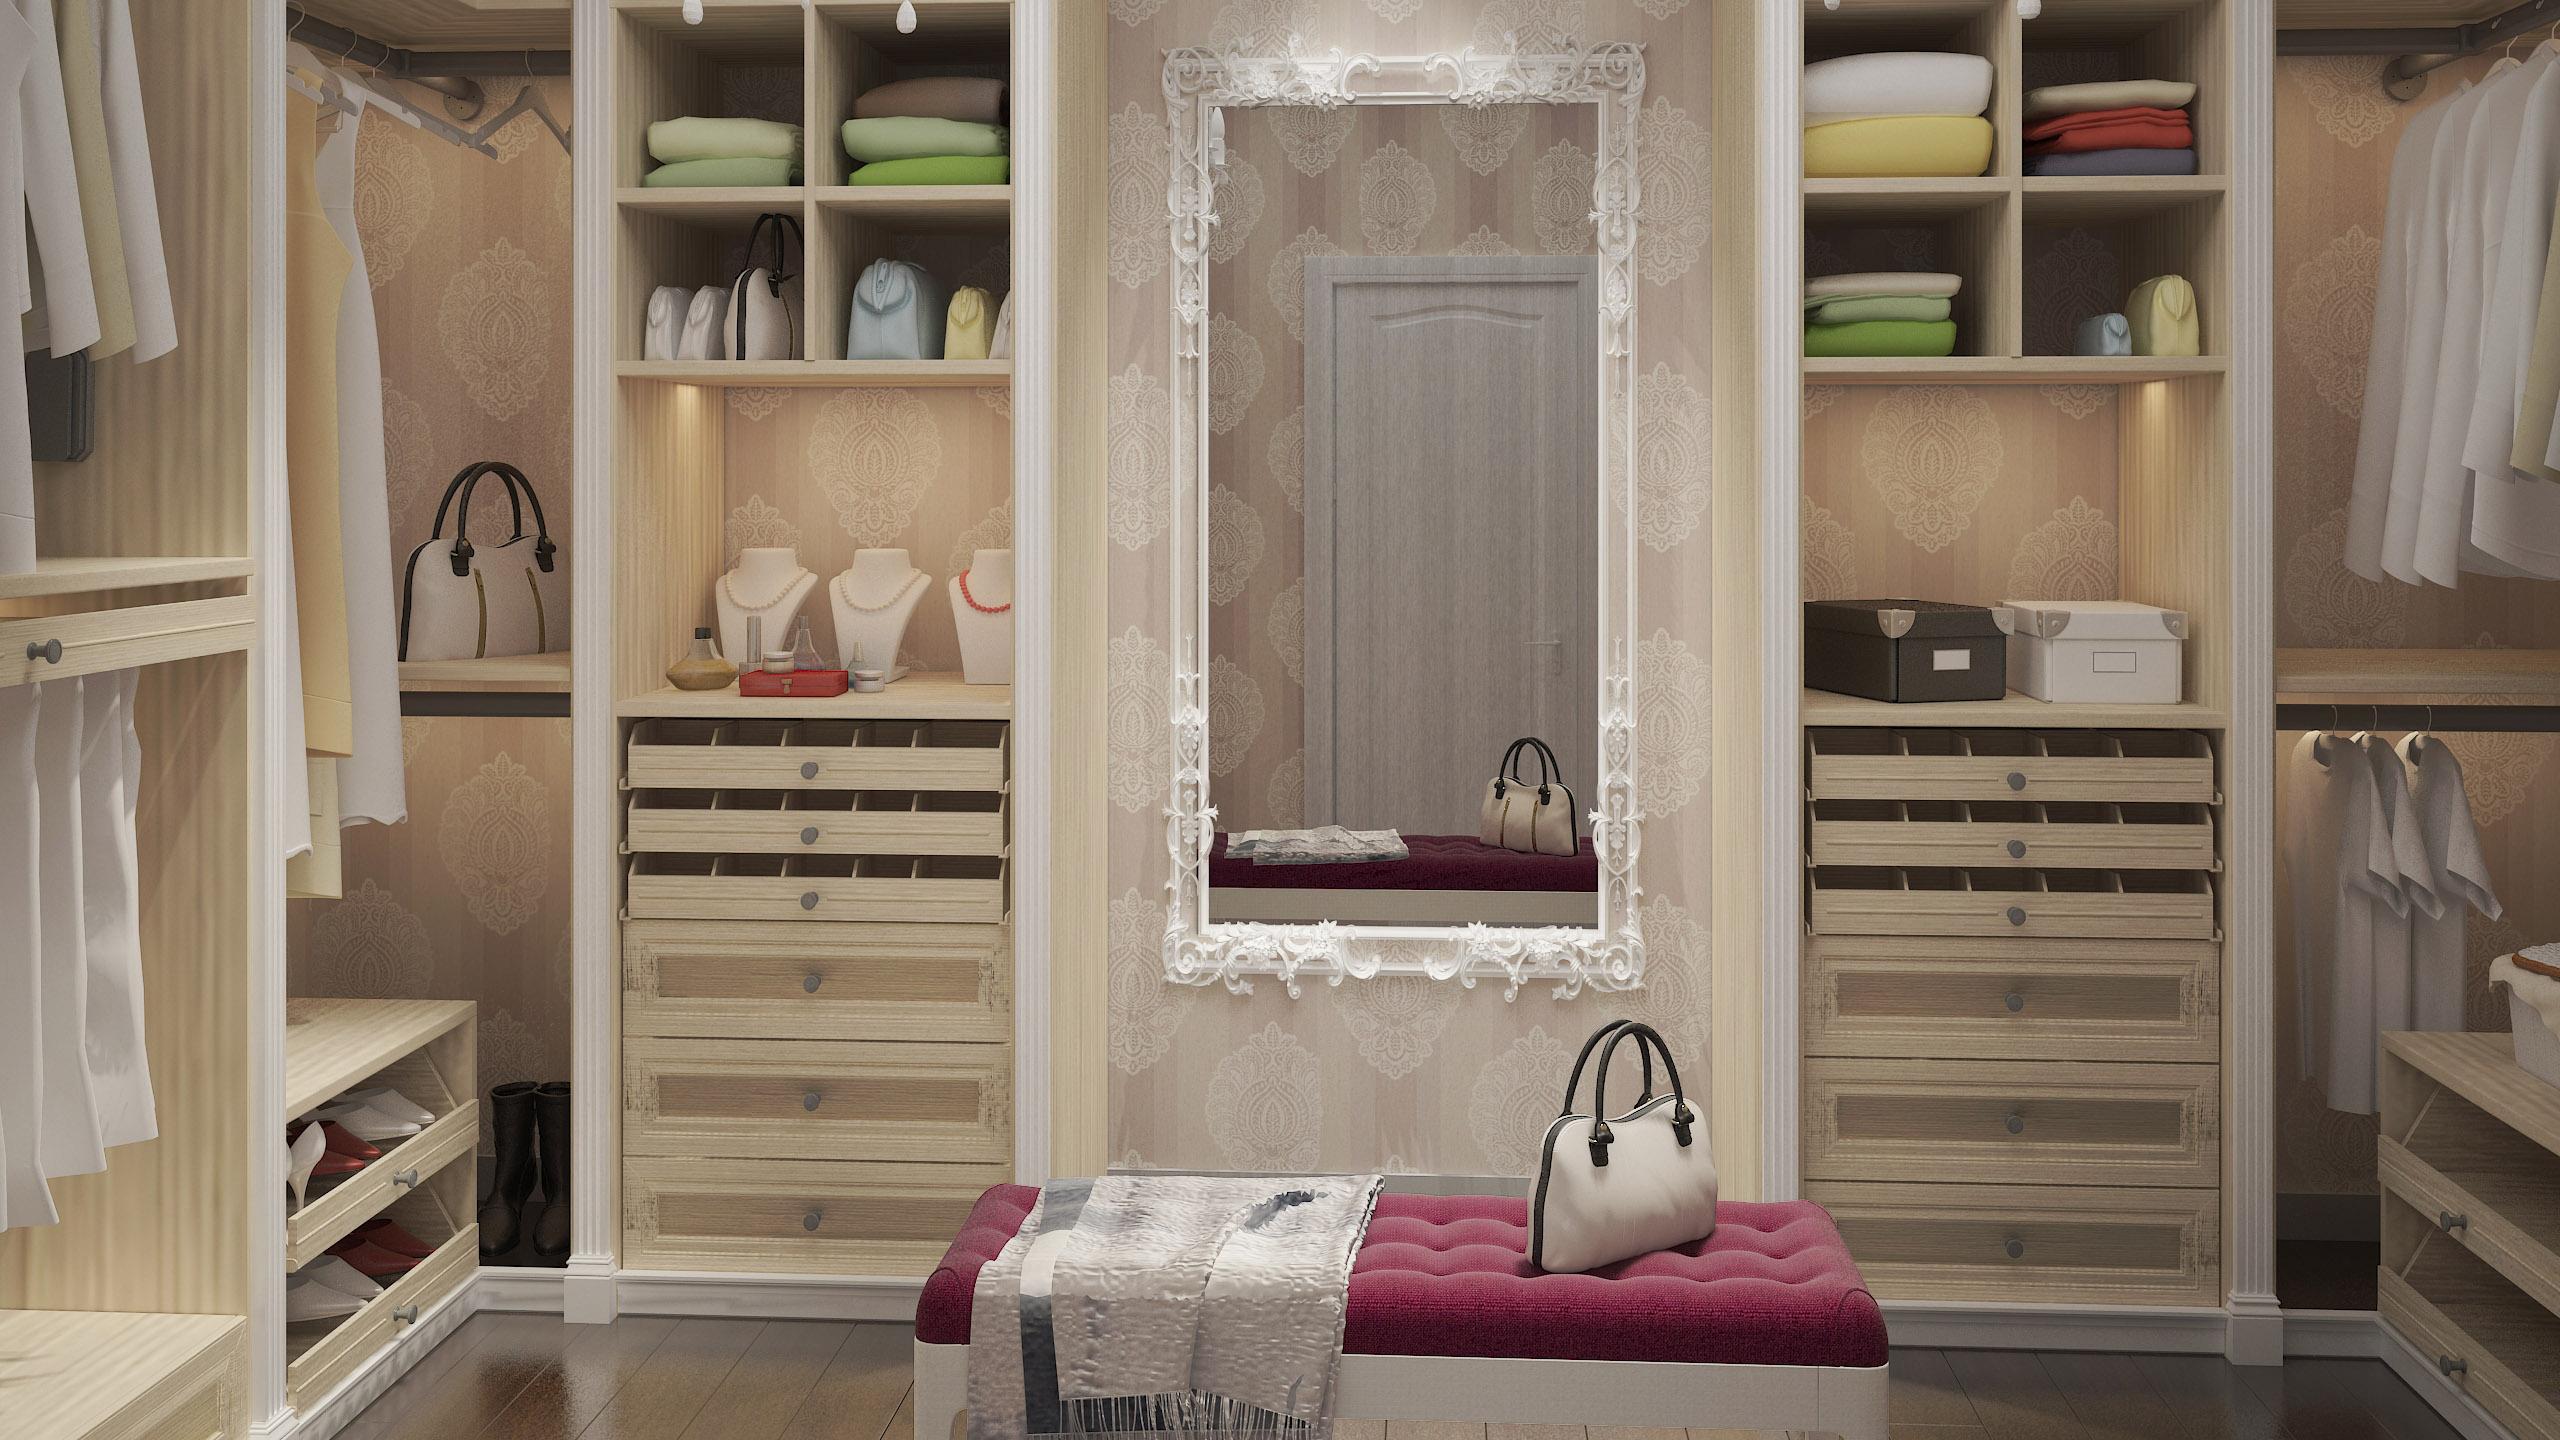 Closet interior 3d room